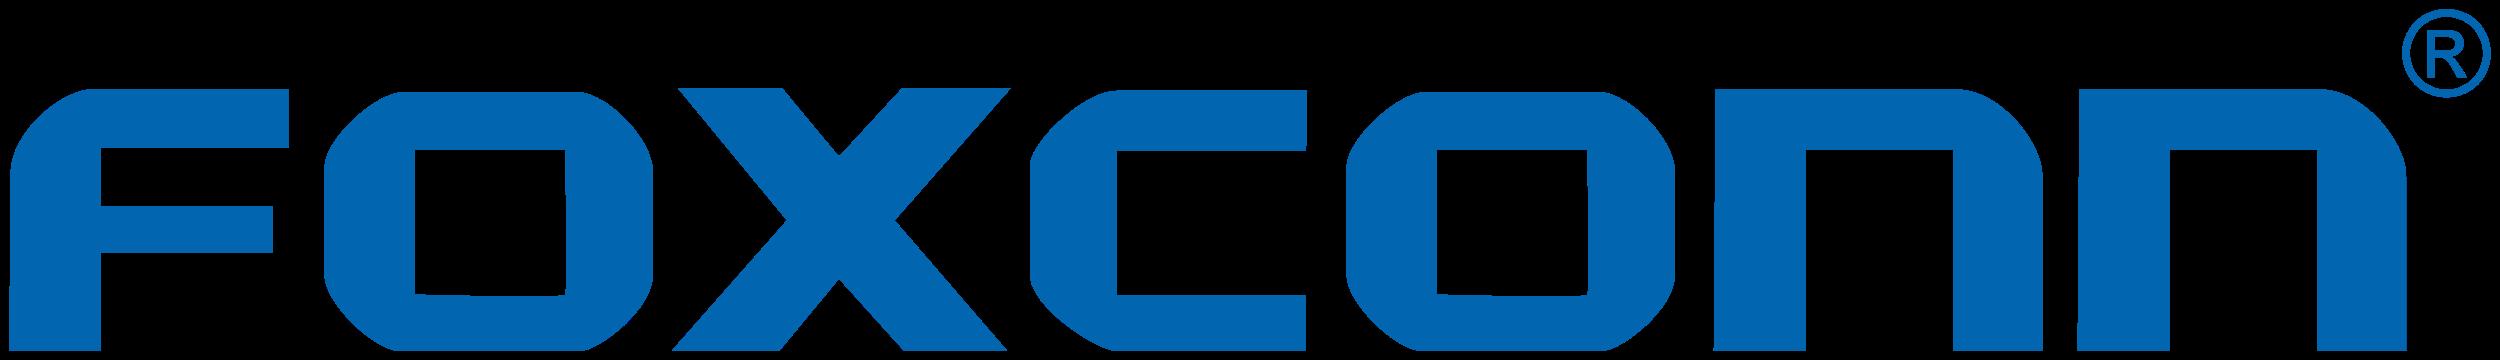 Foxconn-logo-3